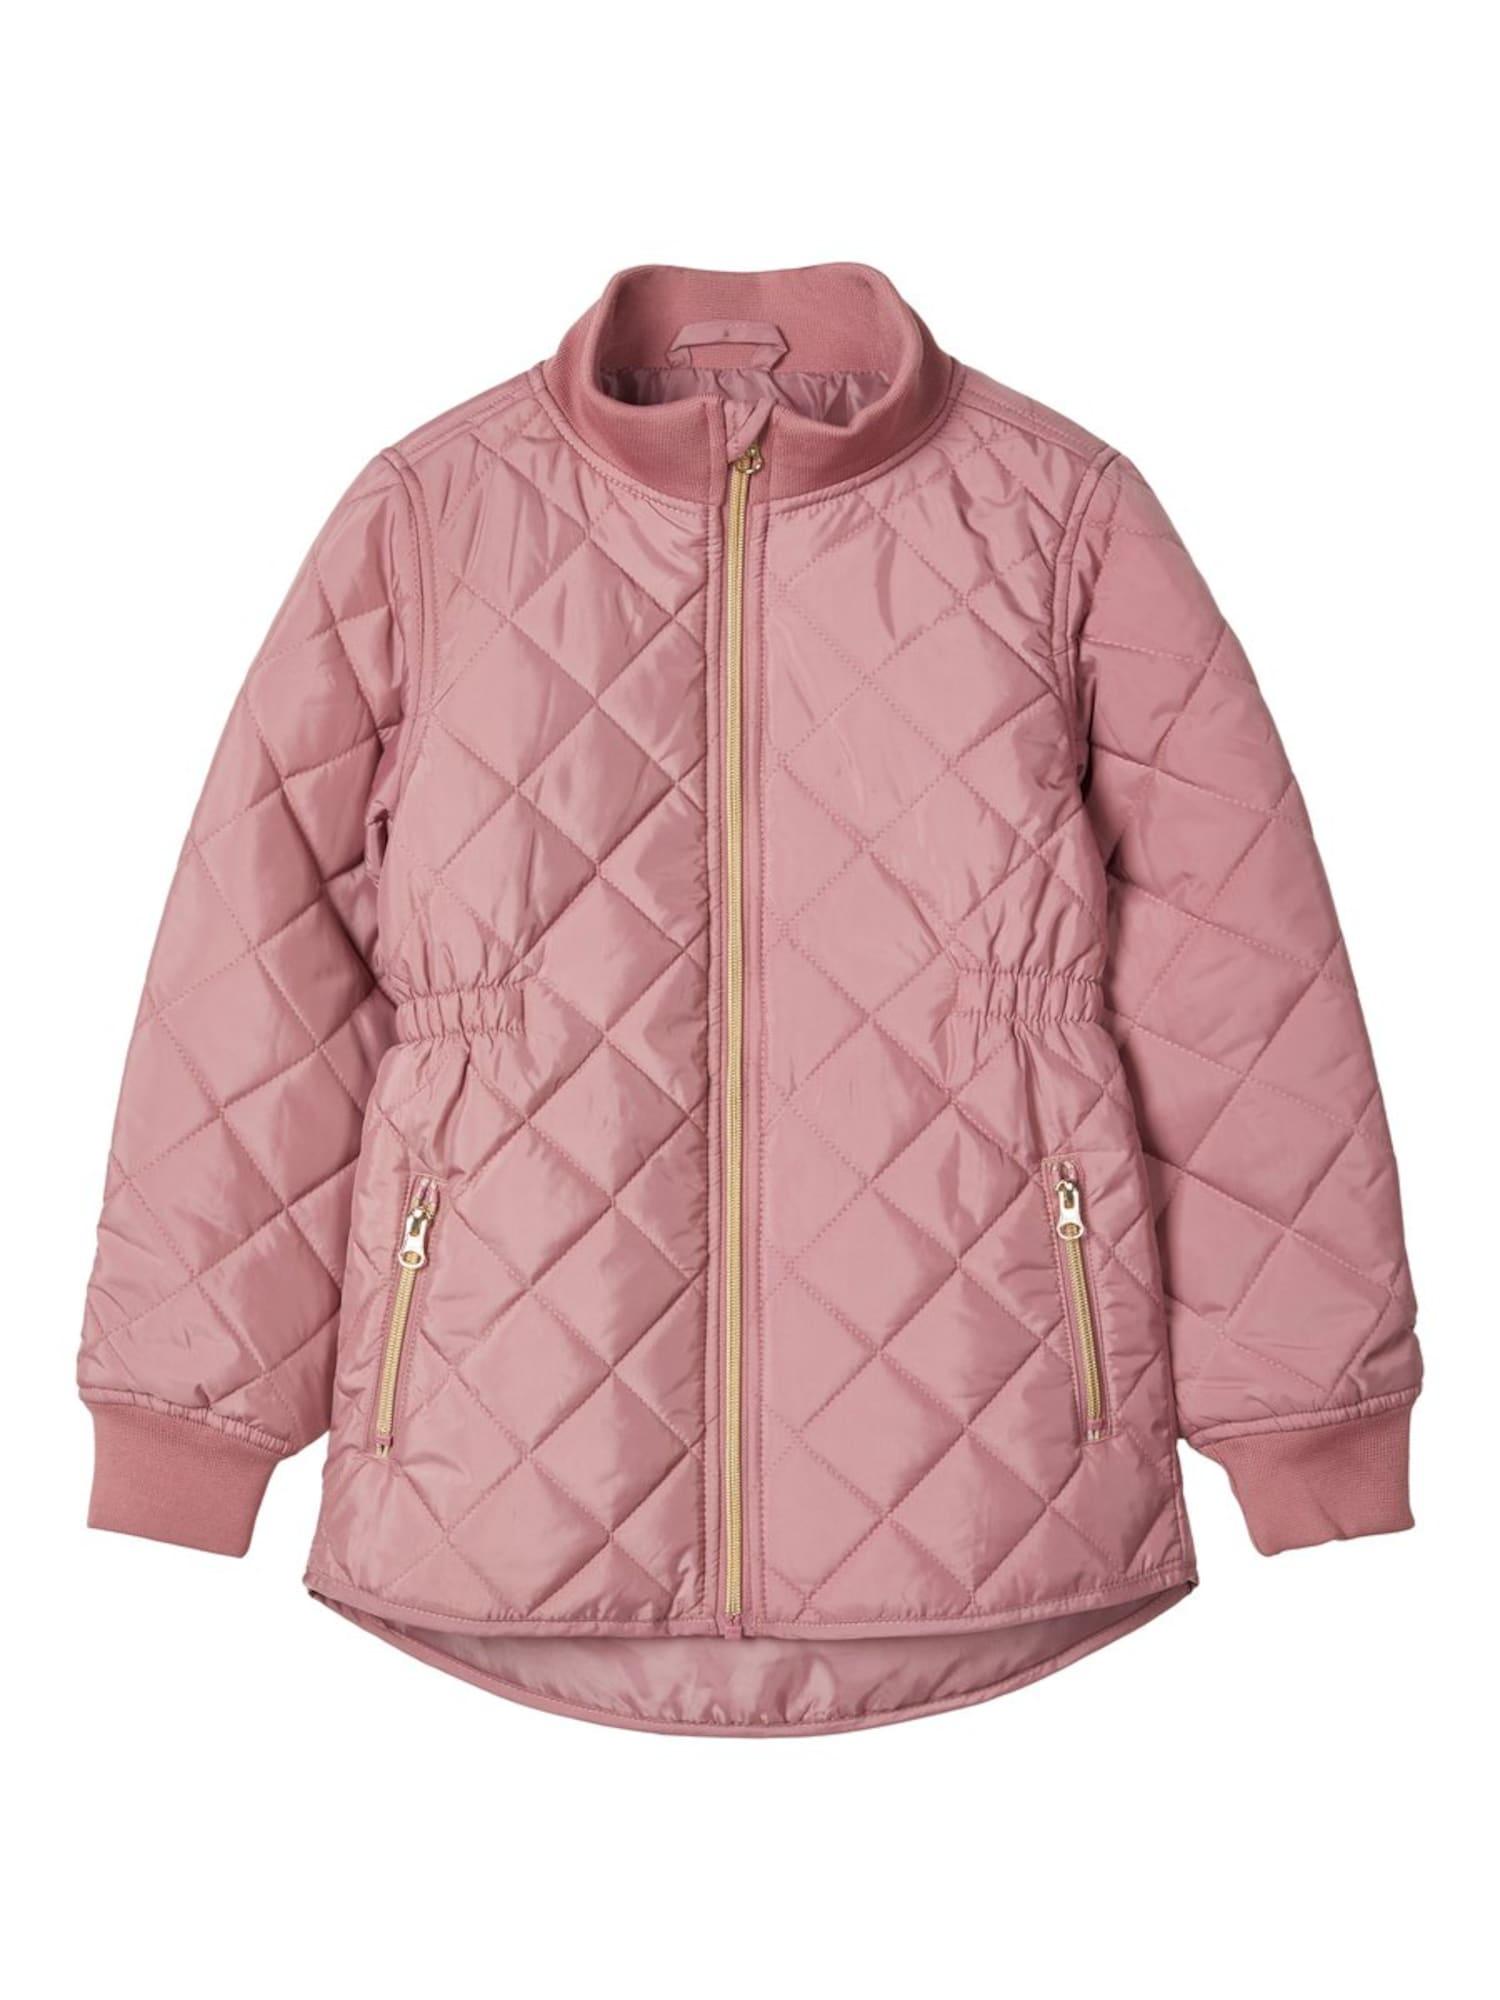 NAME IT Demisezoninė striukė ryškiai rožinė spalva